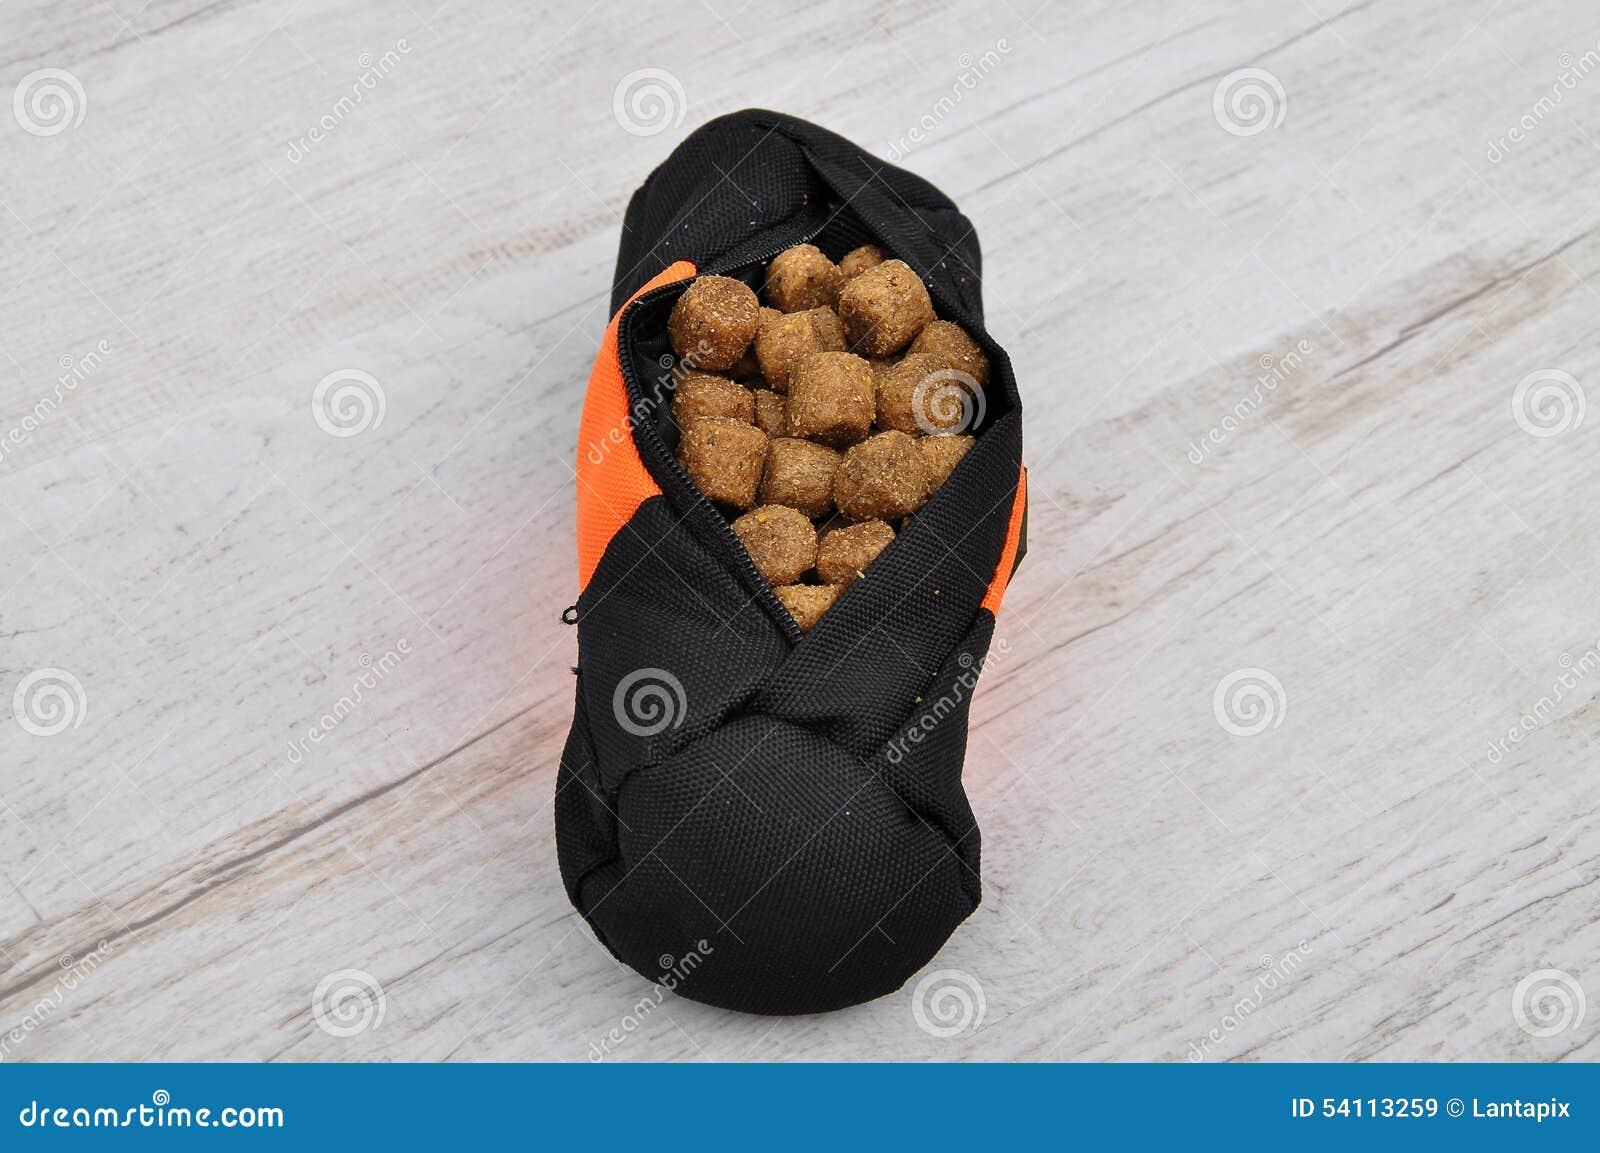 Fetch lined bag with dog feeding